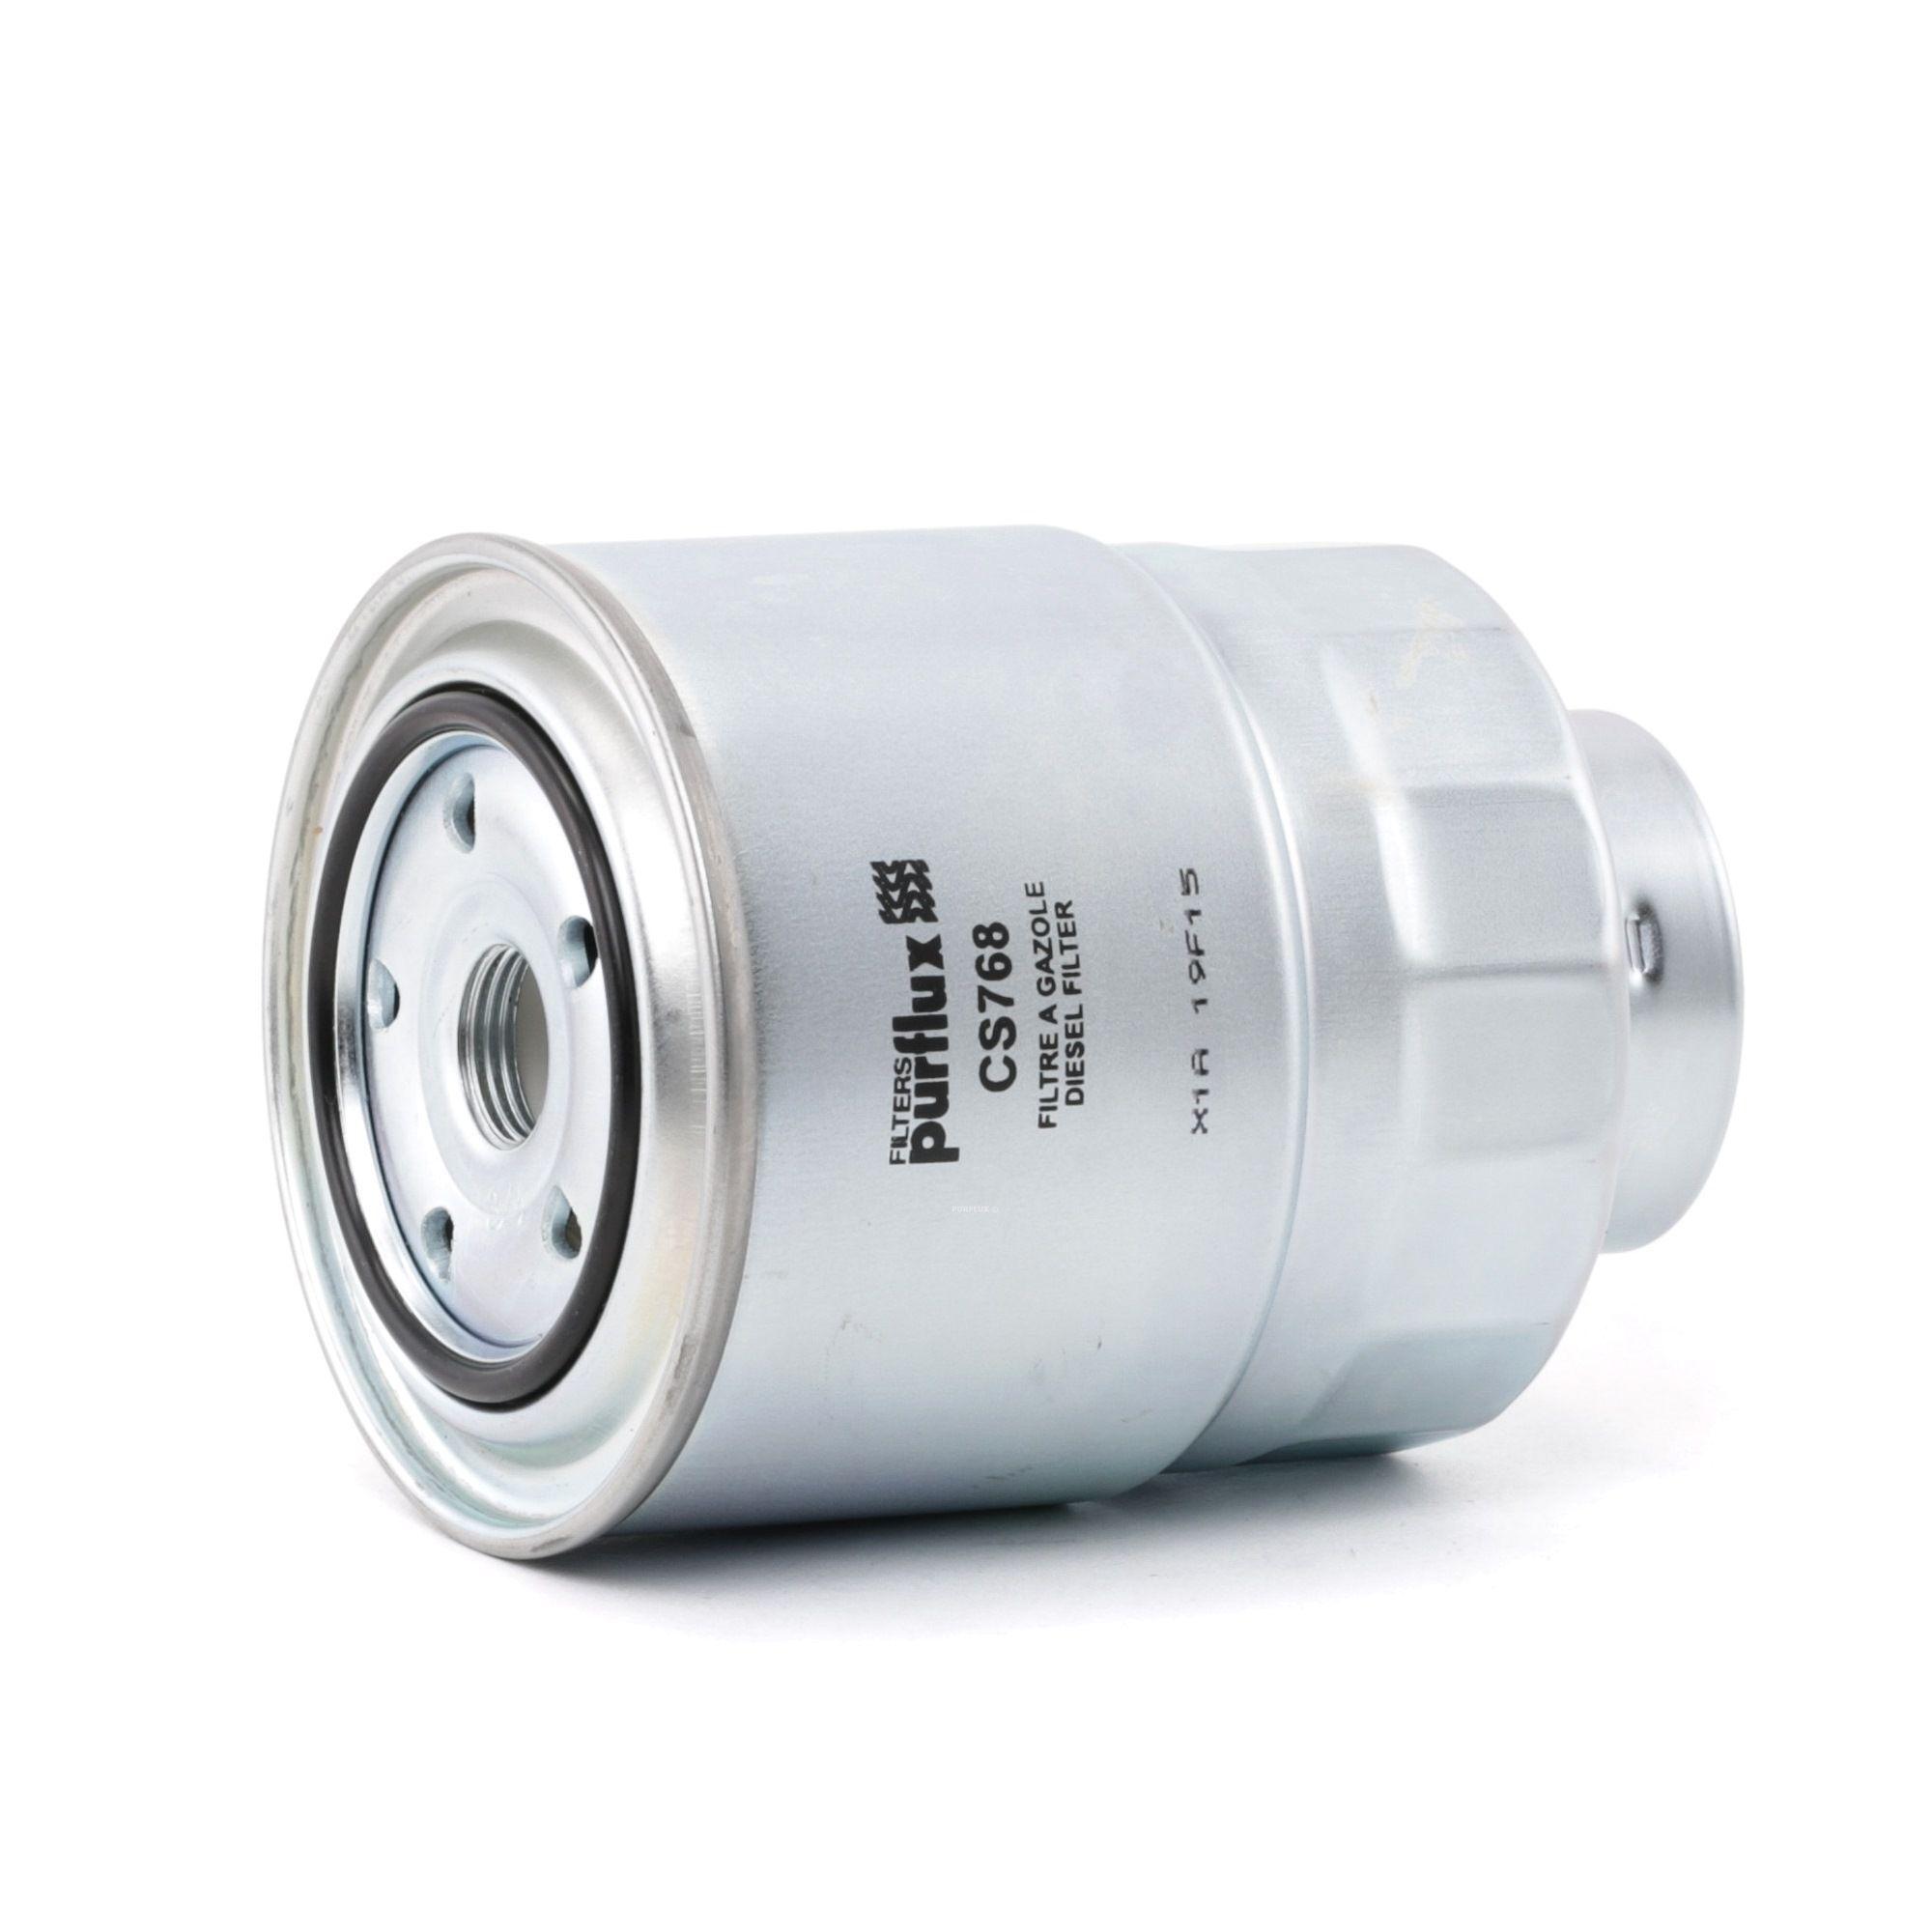 PURFLUX Filtre à Carburant PEUGEOT,CITROËN,HONDA CS768 16901RJLE01,16901RMAE00,1861006090 Filtre Fuel J1334030,J1334032,J1335070,1770A172,1770A253